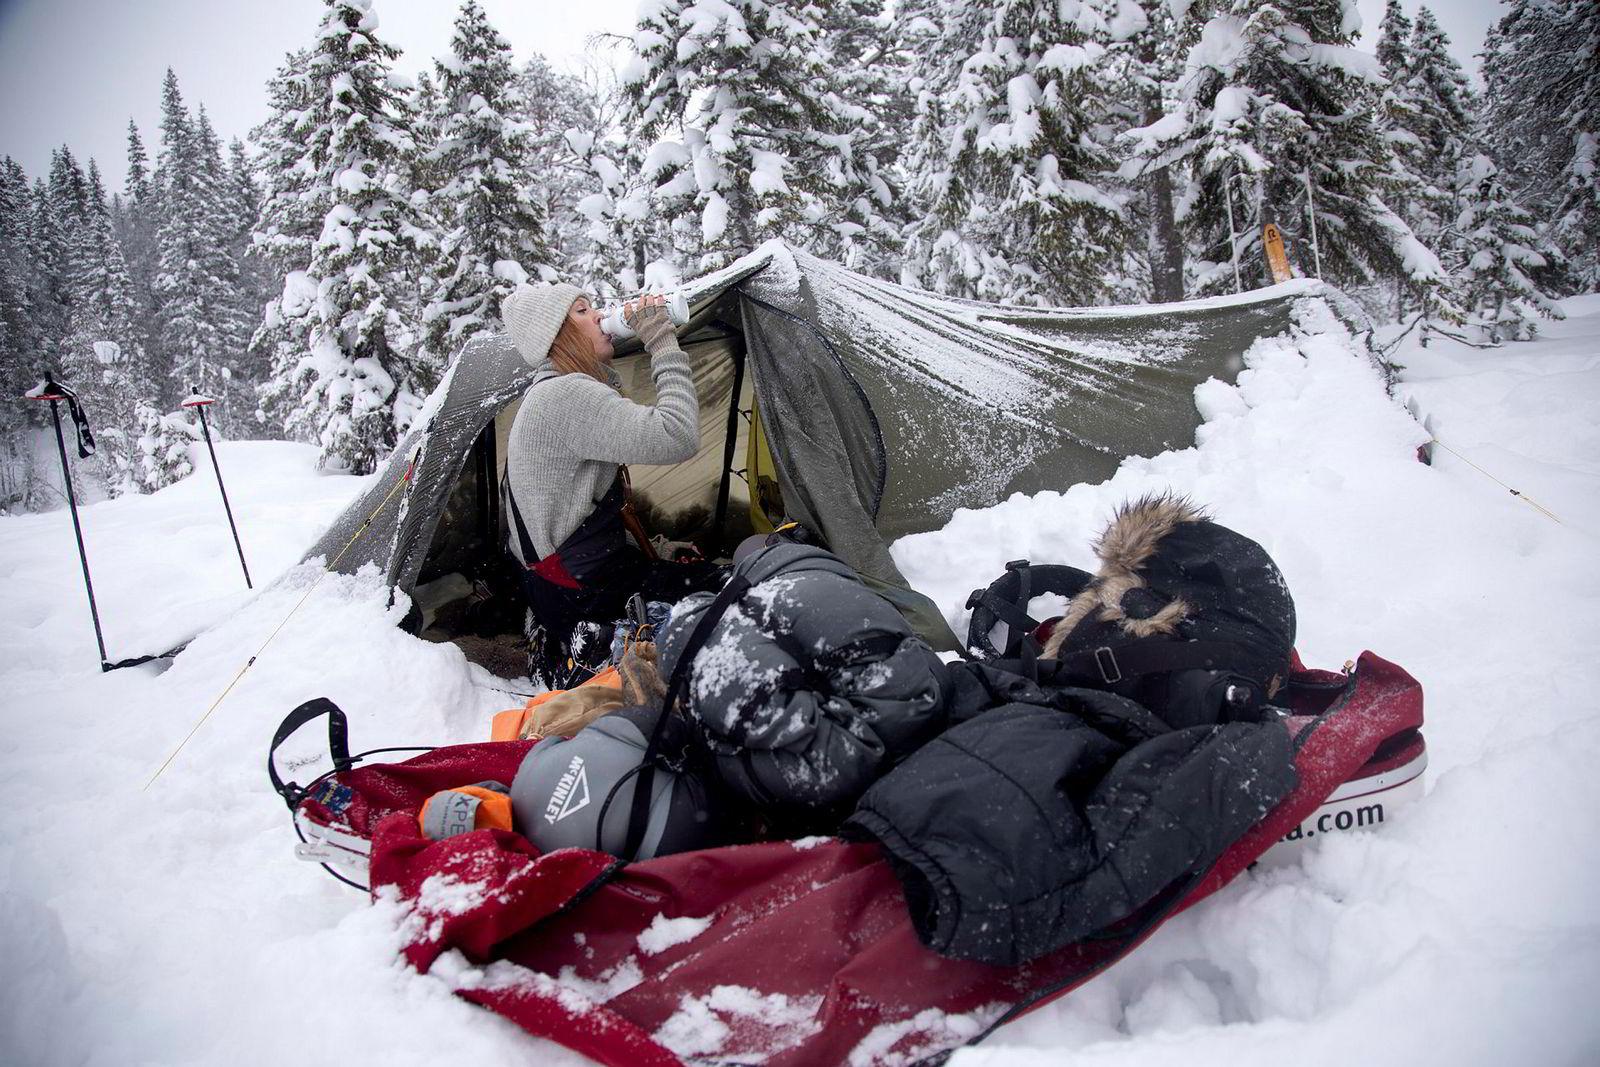 Når turen er over gjenstår nedpakking og hjemreise. Bodil Gilje elsker teltlivet. Hun stikker mer enn gjerne ut i vinterkulden for å overnatte i soveposen.